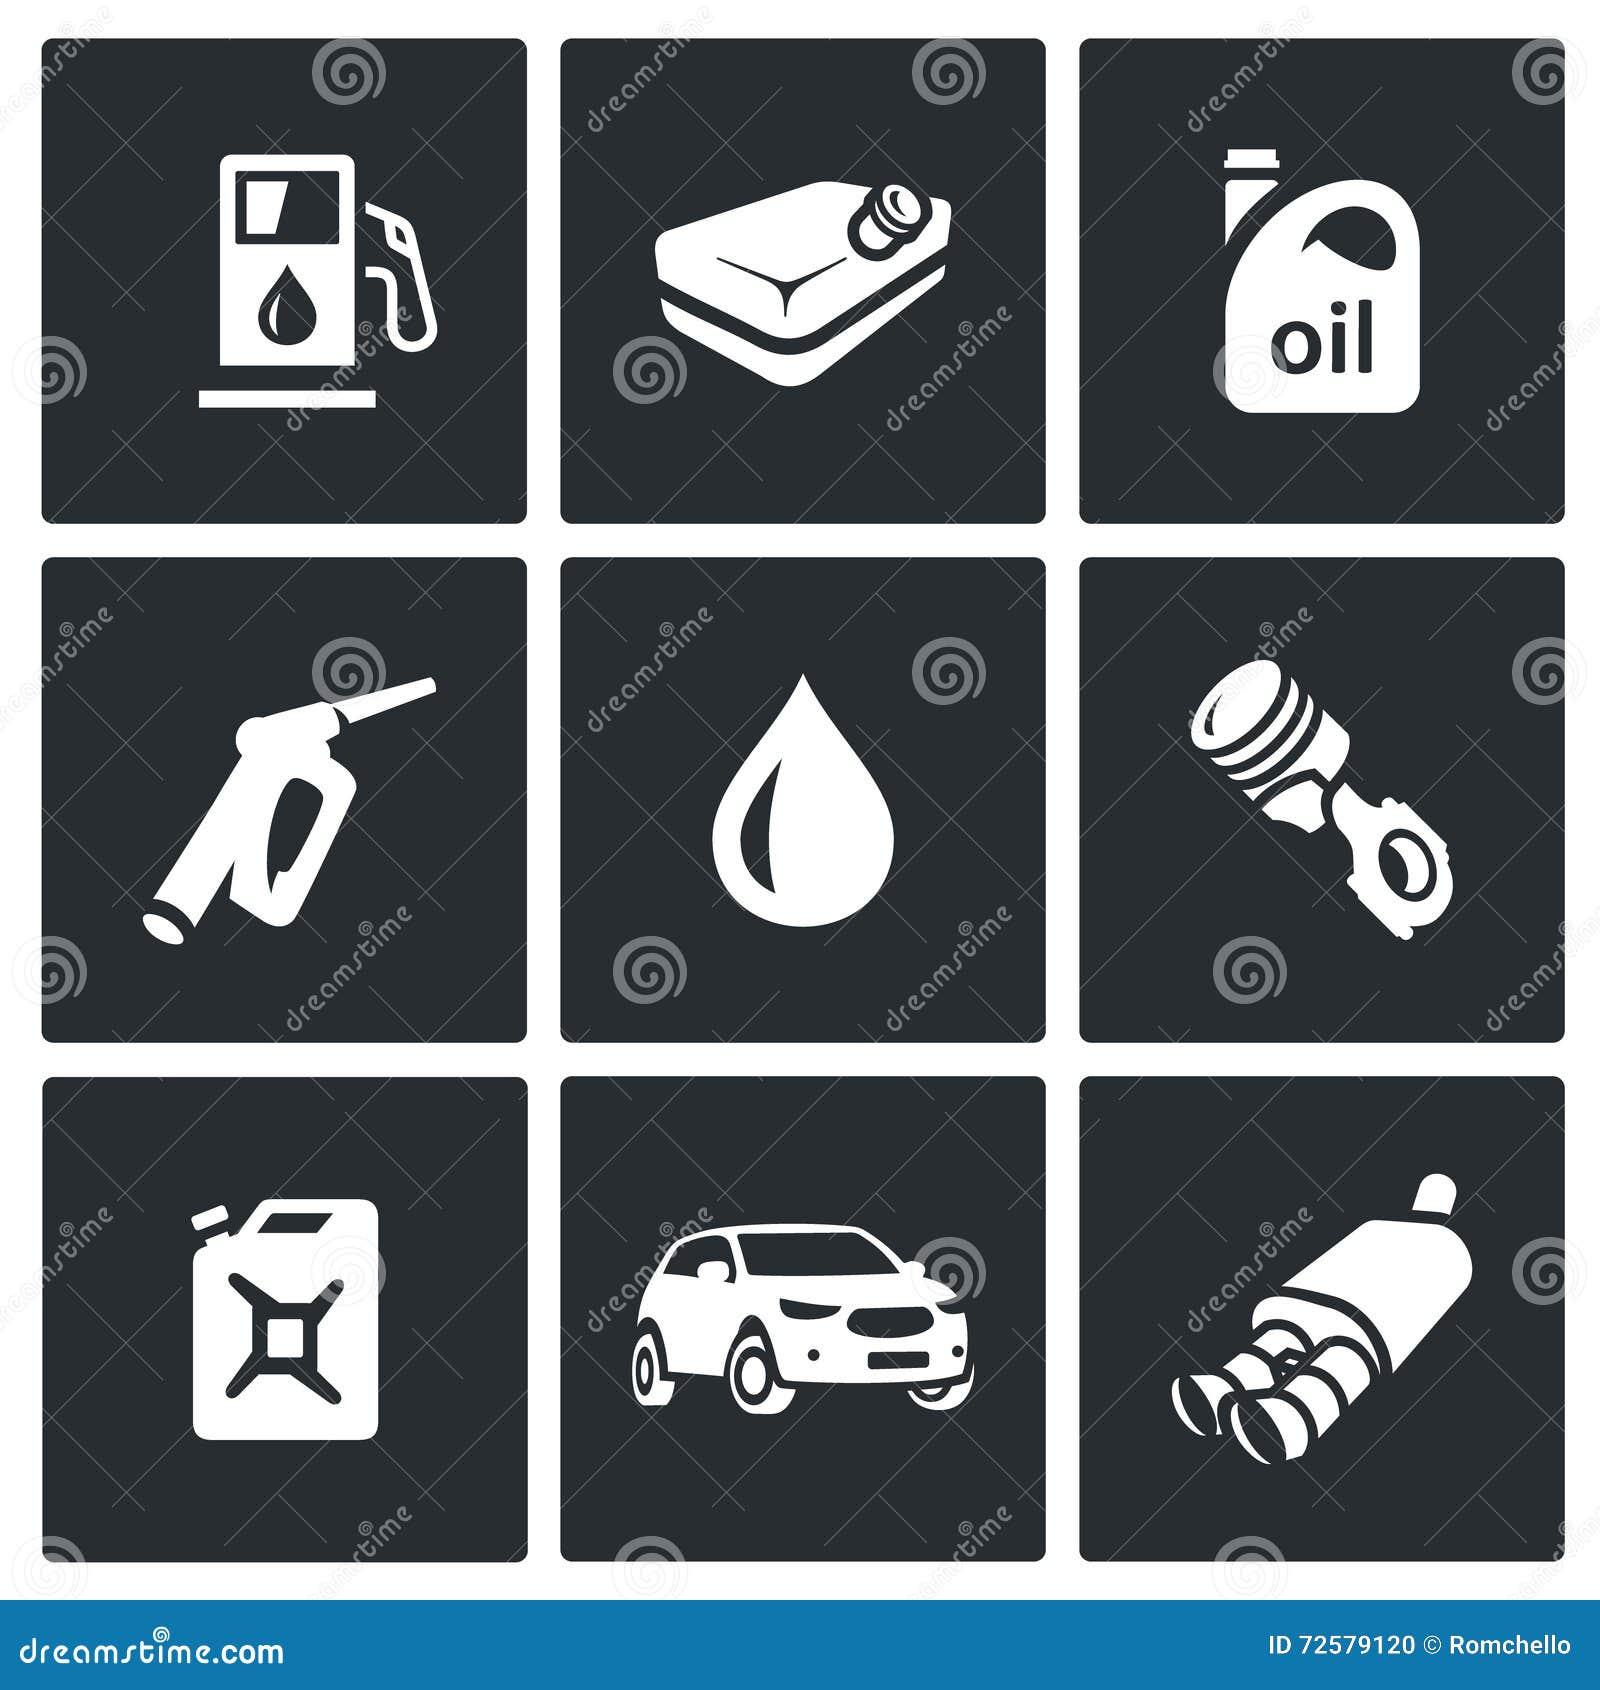 Los precios la gasolina lukoyl pskov